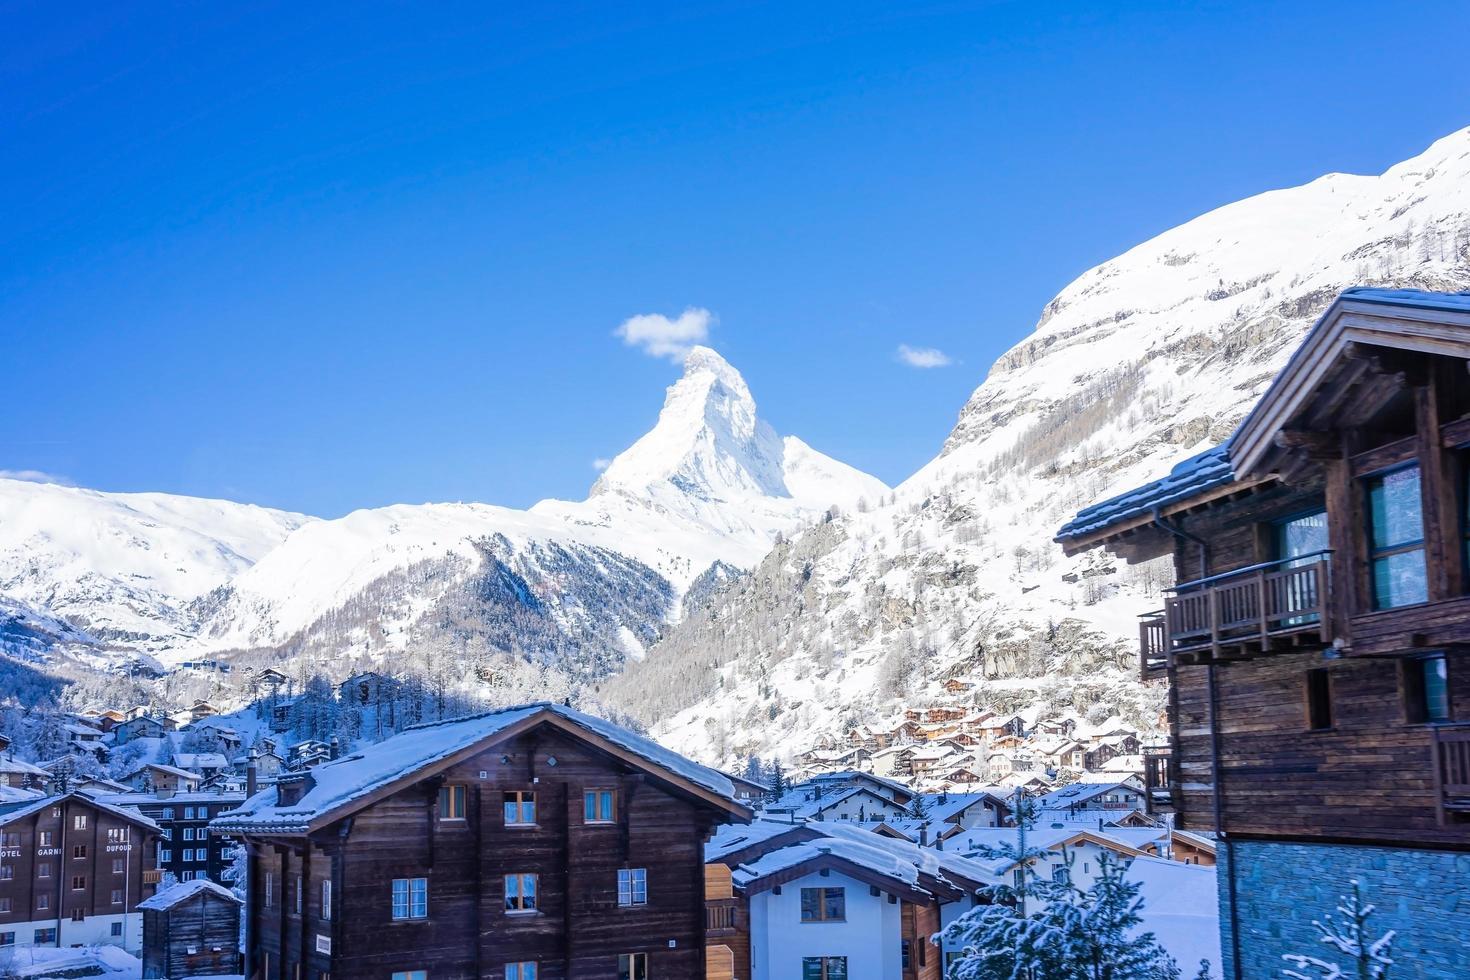 Vue sur le Cervin de Zermatt en Suisse photo